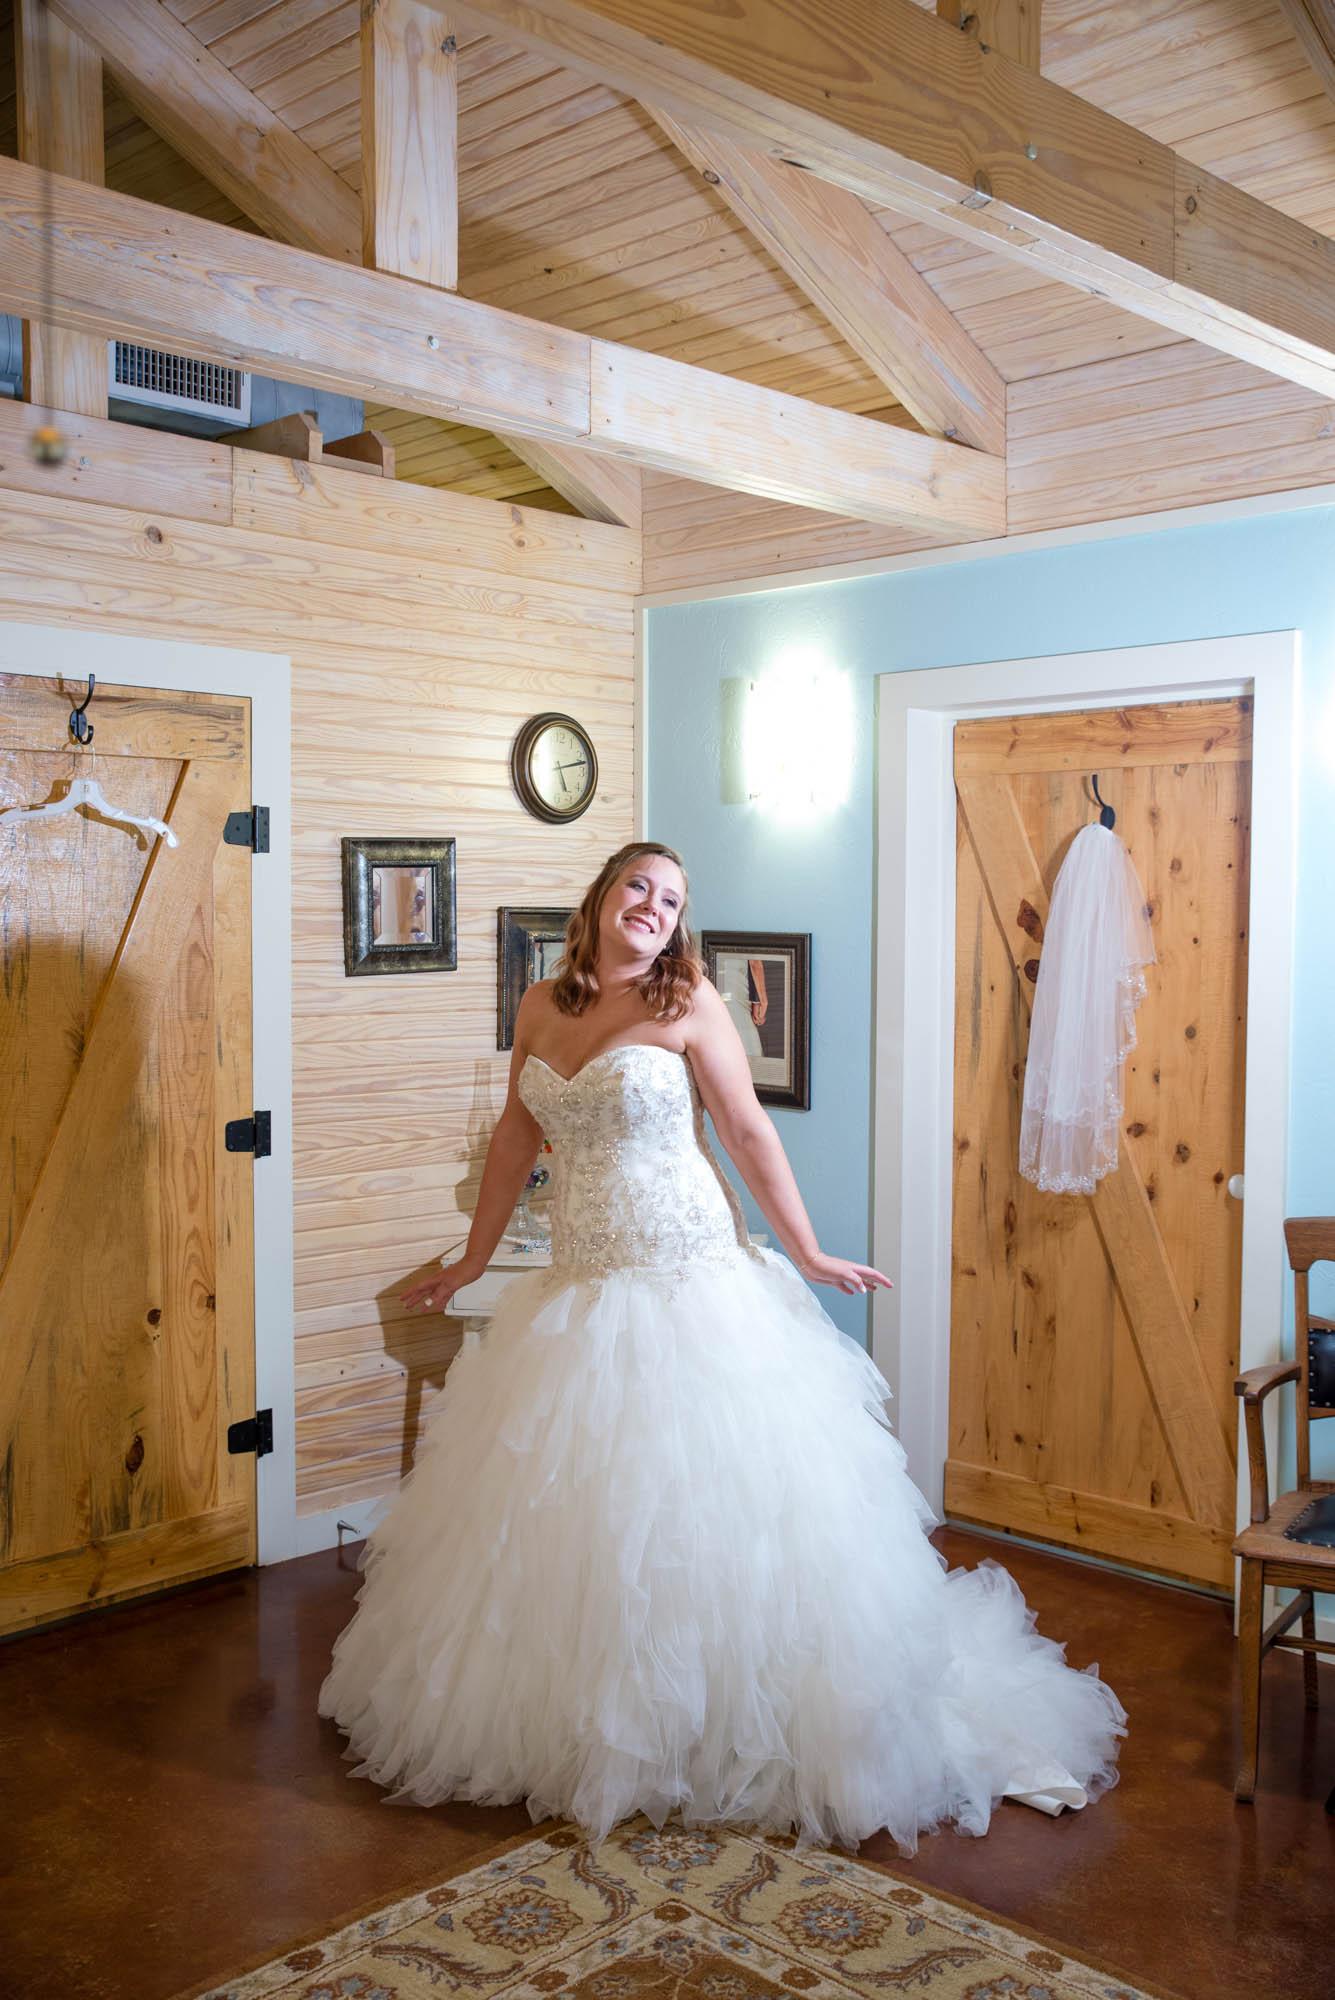 Stephanie Ray Wedding PhotographyDSC_3827.jpg